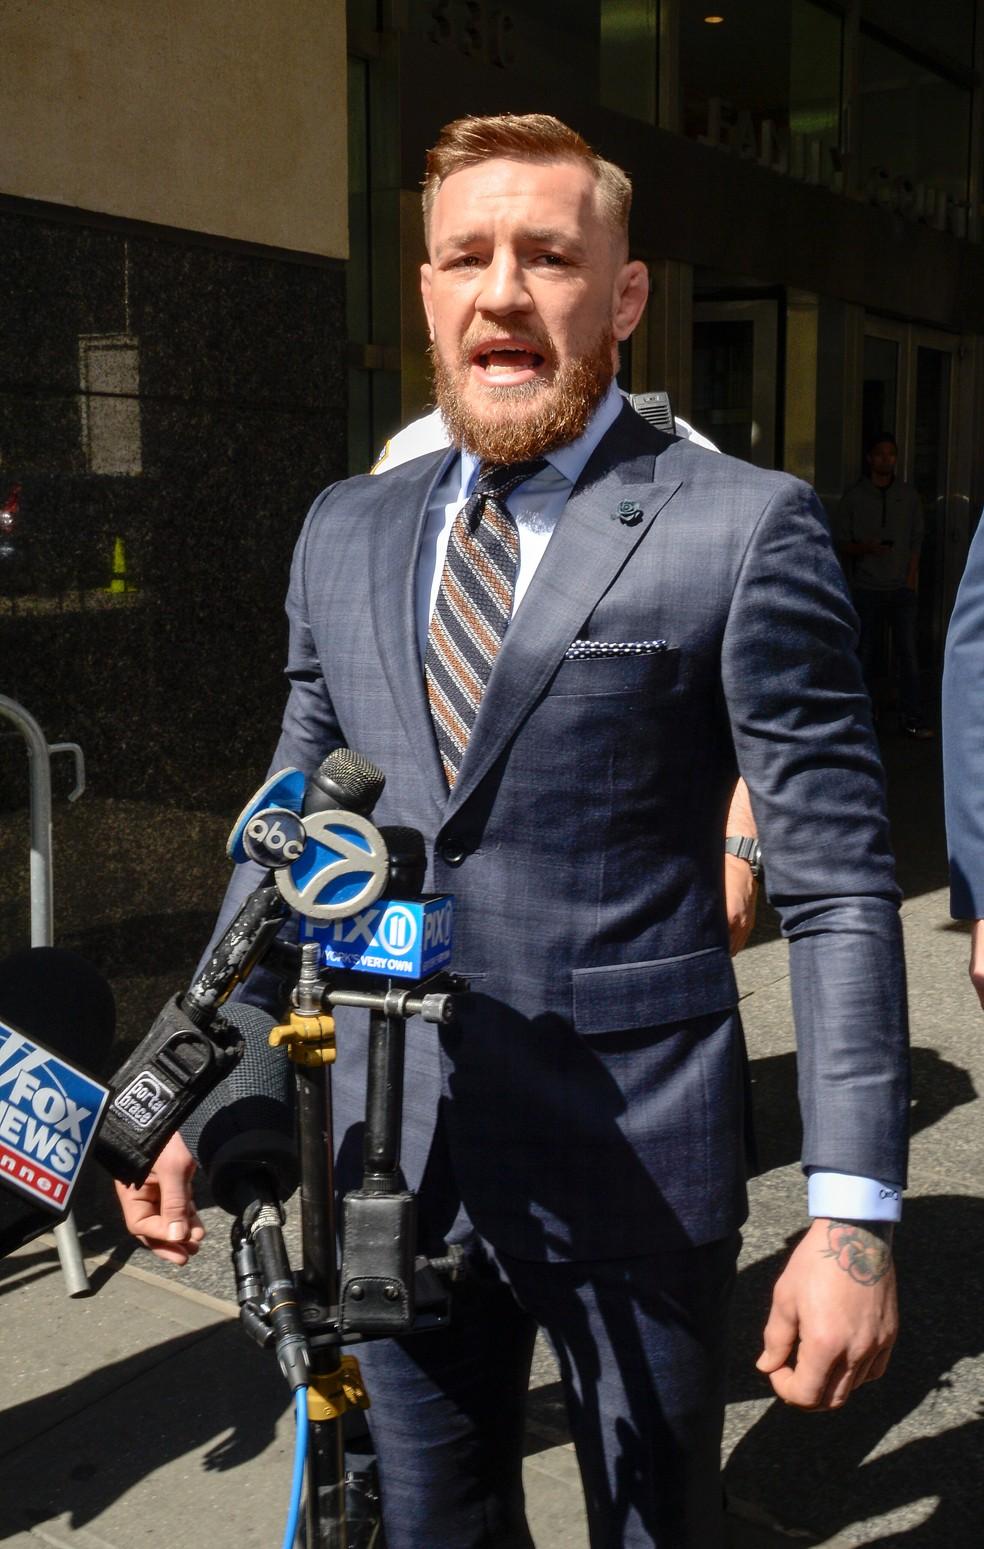 Conor McGregor garatiu arrependomento de seus atos no Brooklyn, em abril (Foto: Raymond Hall / Getty Images)